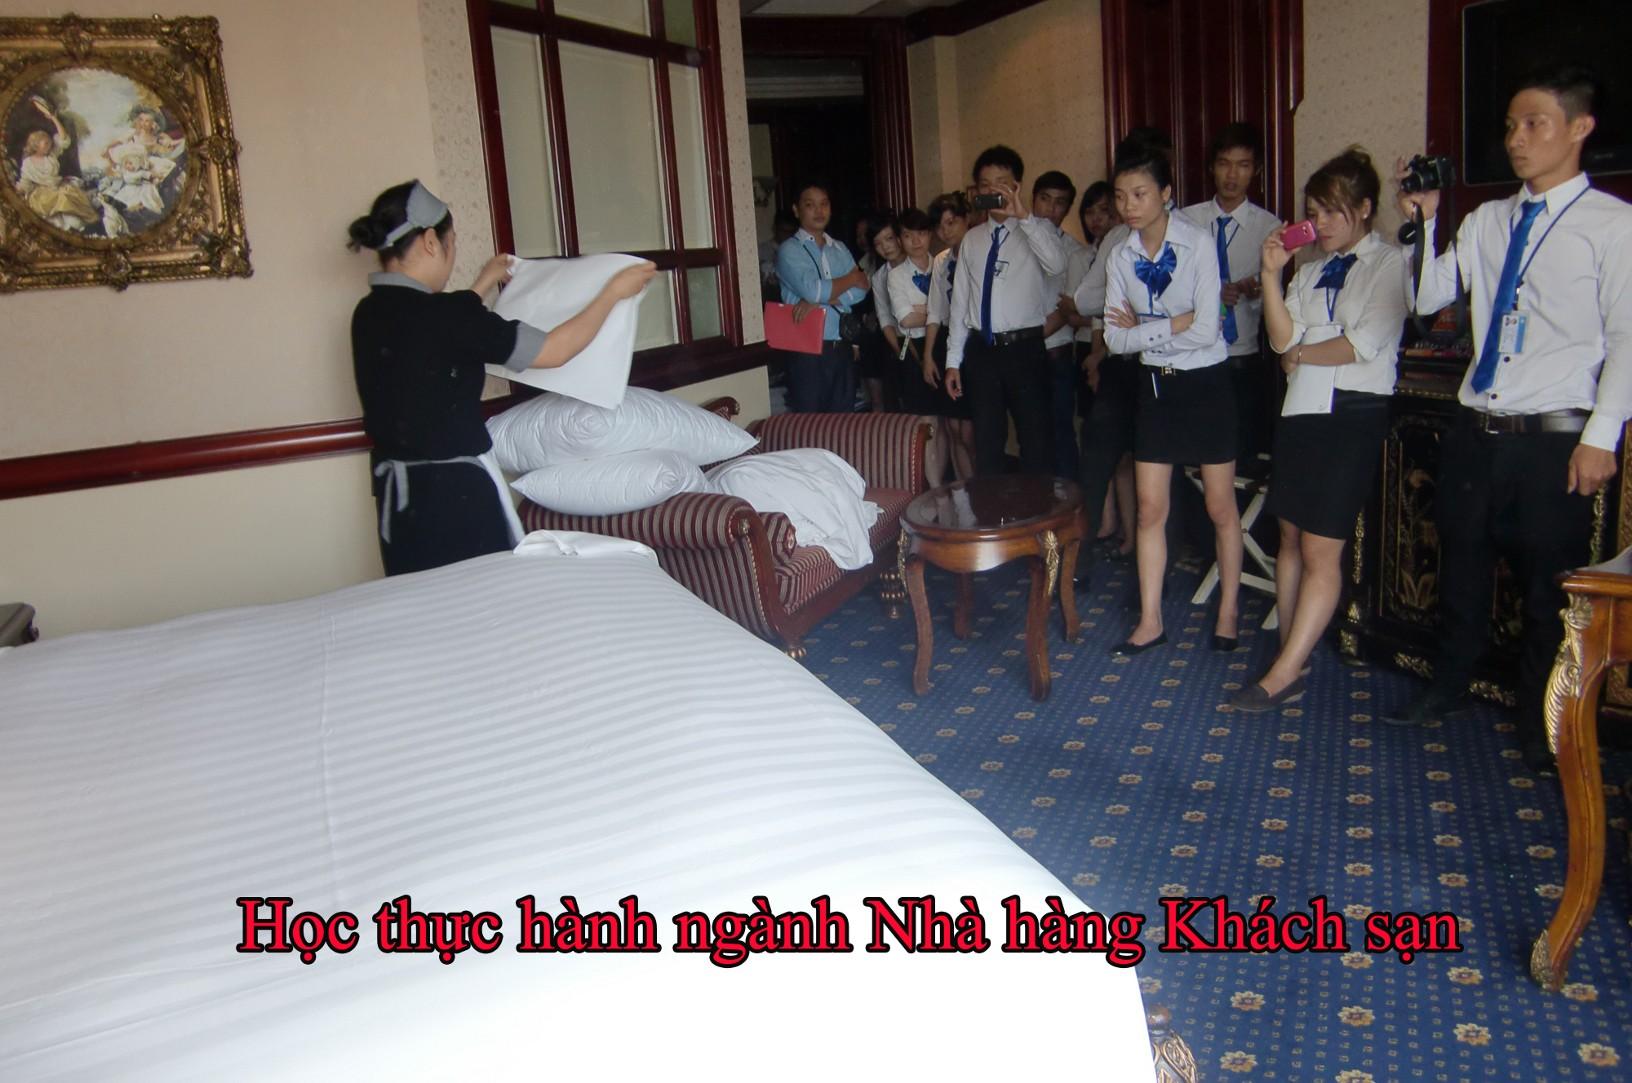 Tổng quan về ngành Quản lý Khách sạn - Nhà hàng và nhu cầu nhân lực tại Việt Nam